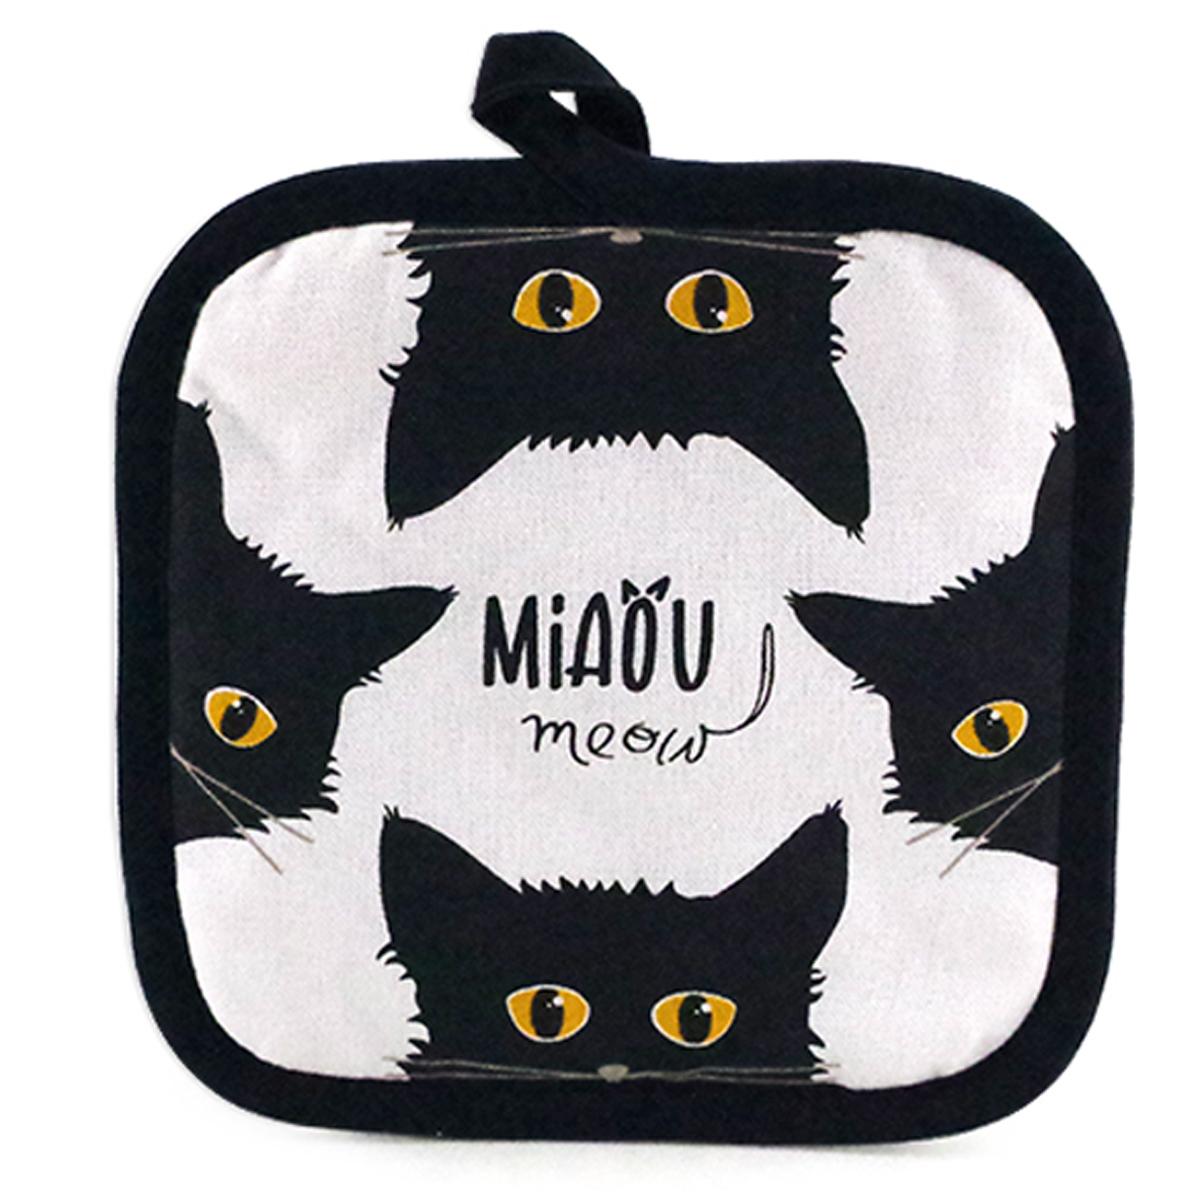 Manique coton \'Chats\' noir blanc (Miaou) - 20x20 cm - [A1109]